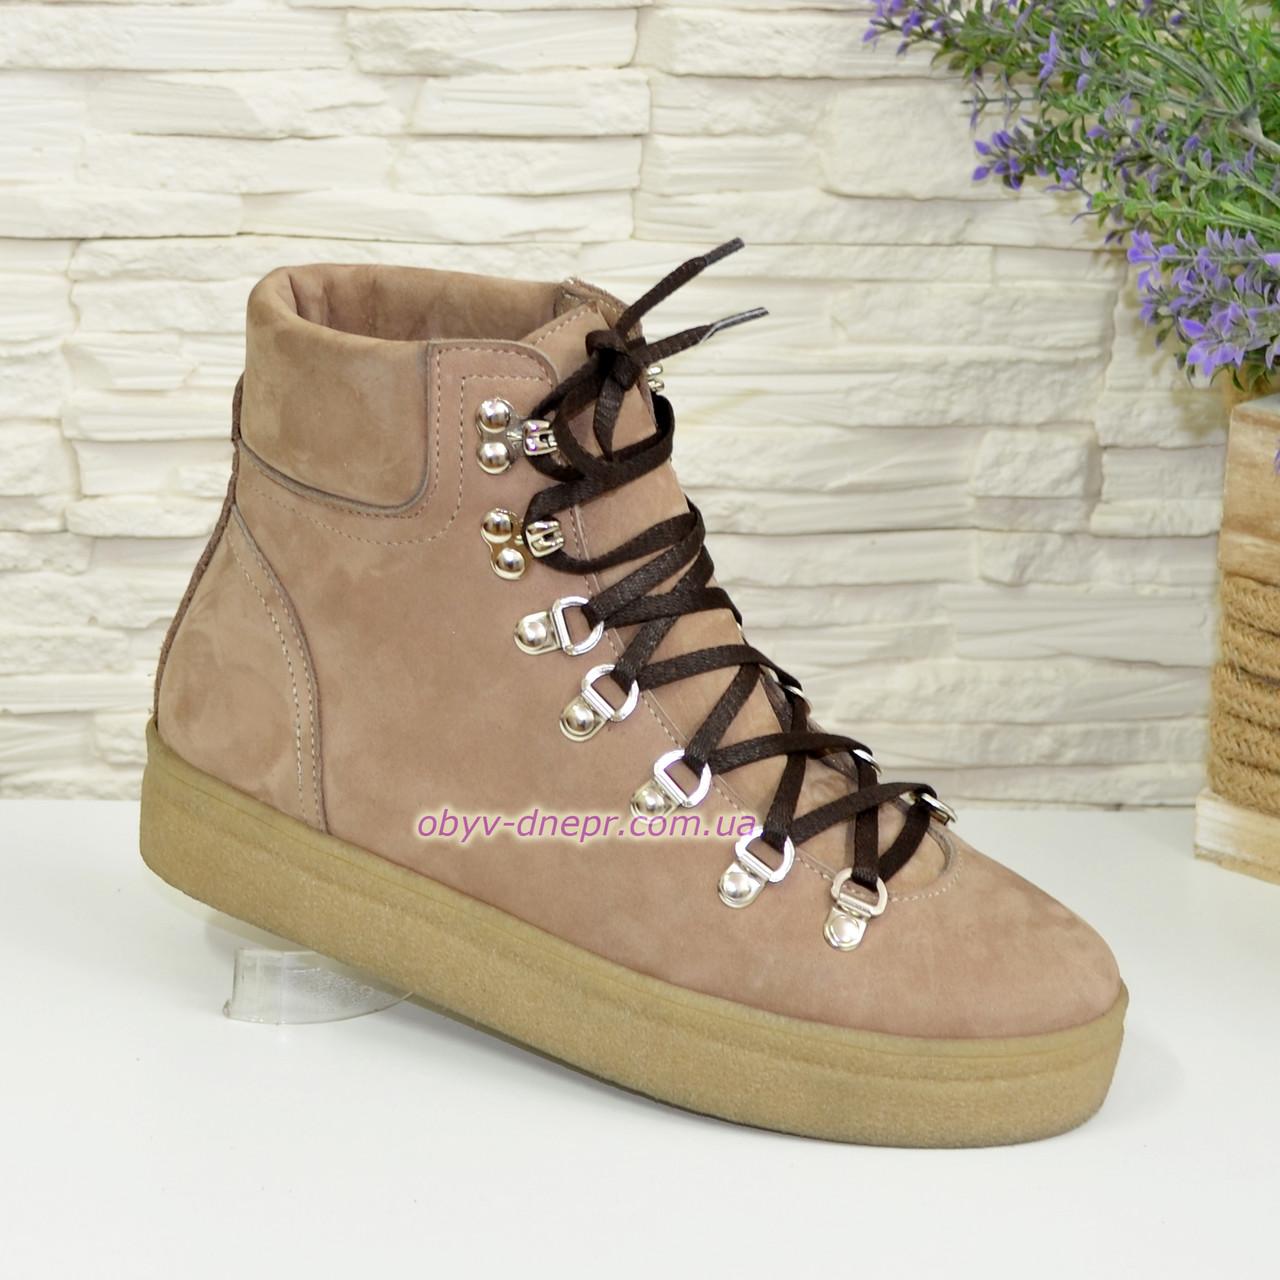 4845ae9c Ботинки бежевые женские зимние на утолщенной подошве, натуральная кожа нубук